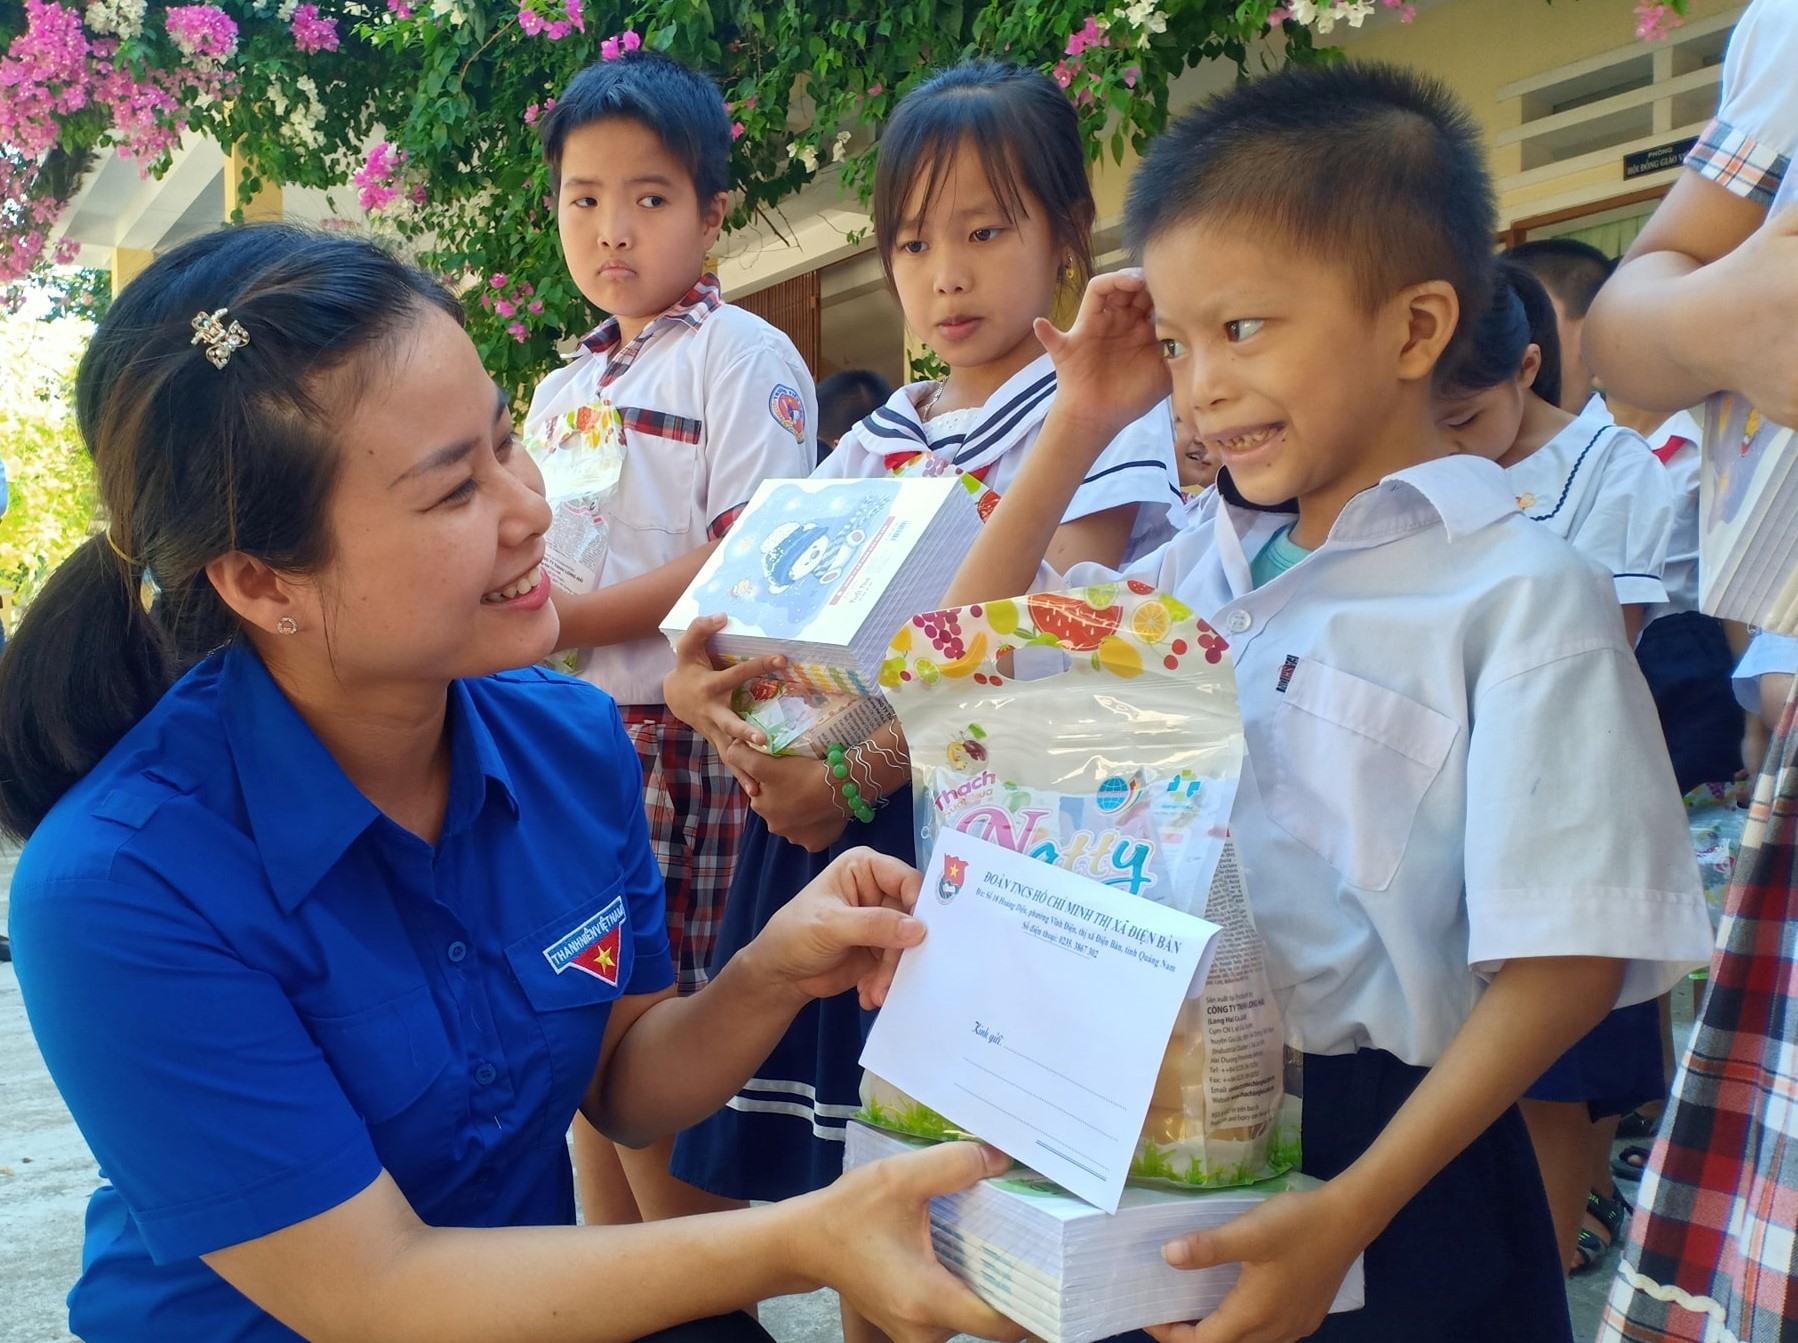 Chị Đặng Thị Bảo Trinh - Bí thư Thị đoàn, Chủ tịch Hội đồng Đội thị xã Điện Bàn tặng quà cho thiếu nhi. Ảnh: T.N